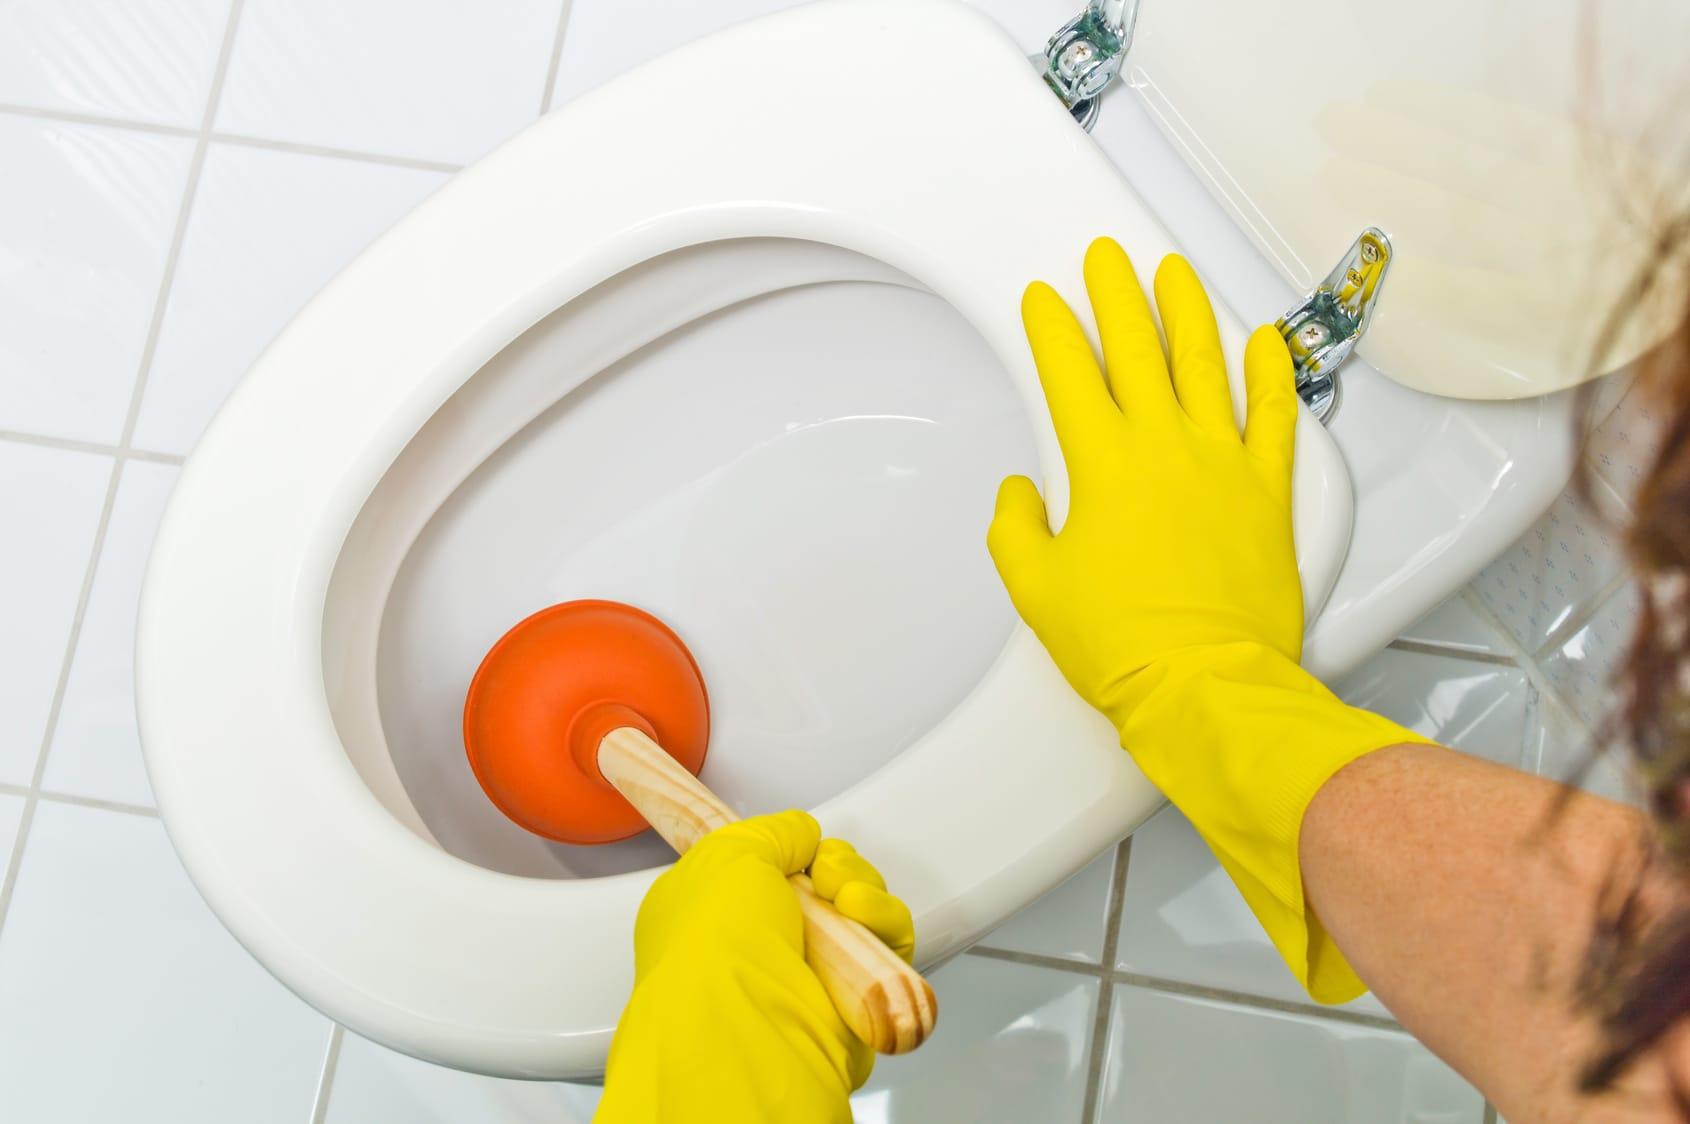 Toilette Verstopft Diese 5 Hausmittel Losen Das Problem